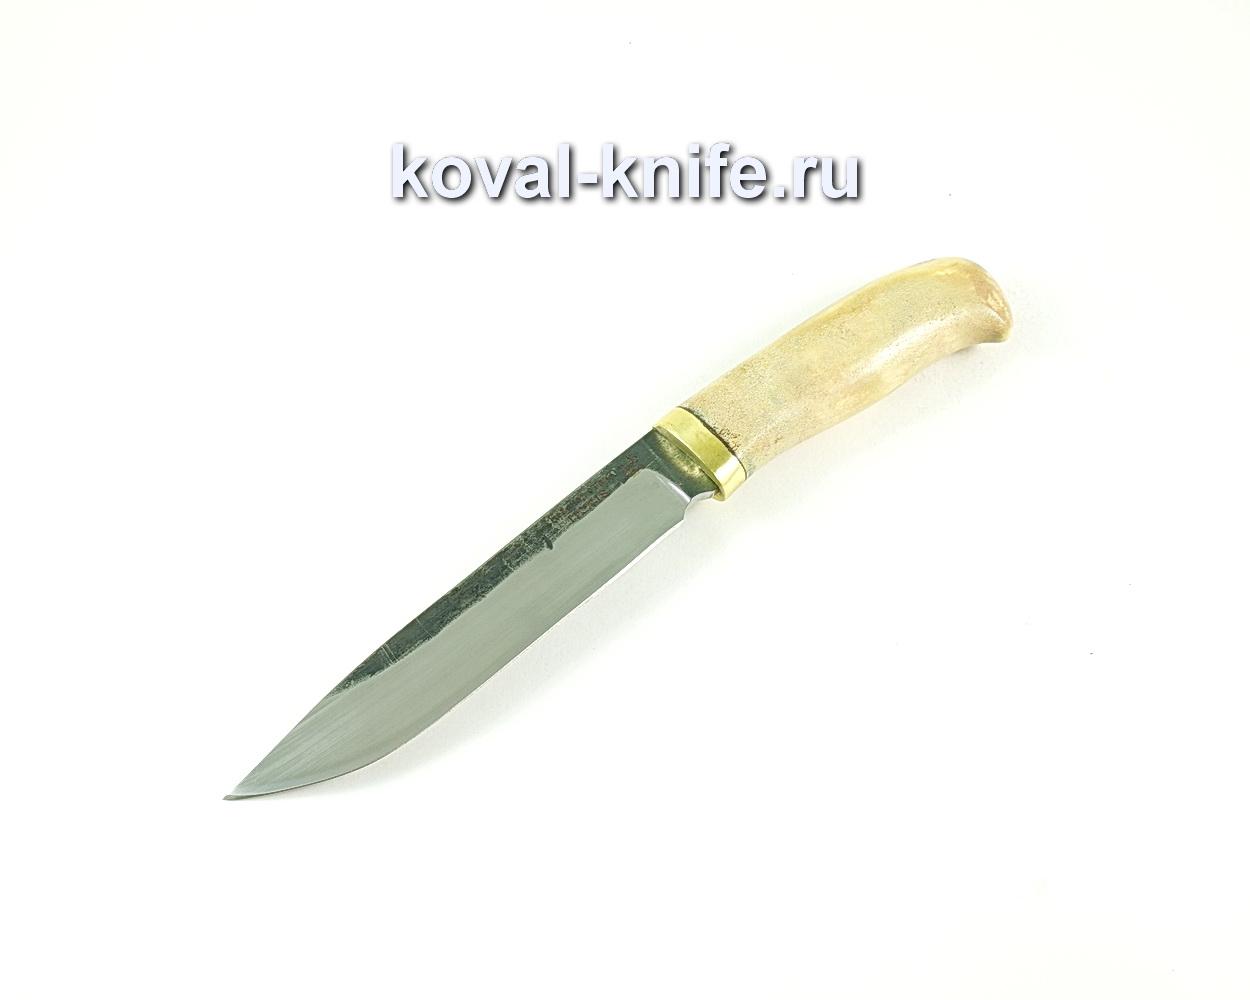 Нож Турист (сталь 110х18), рукоять рог лося A154